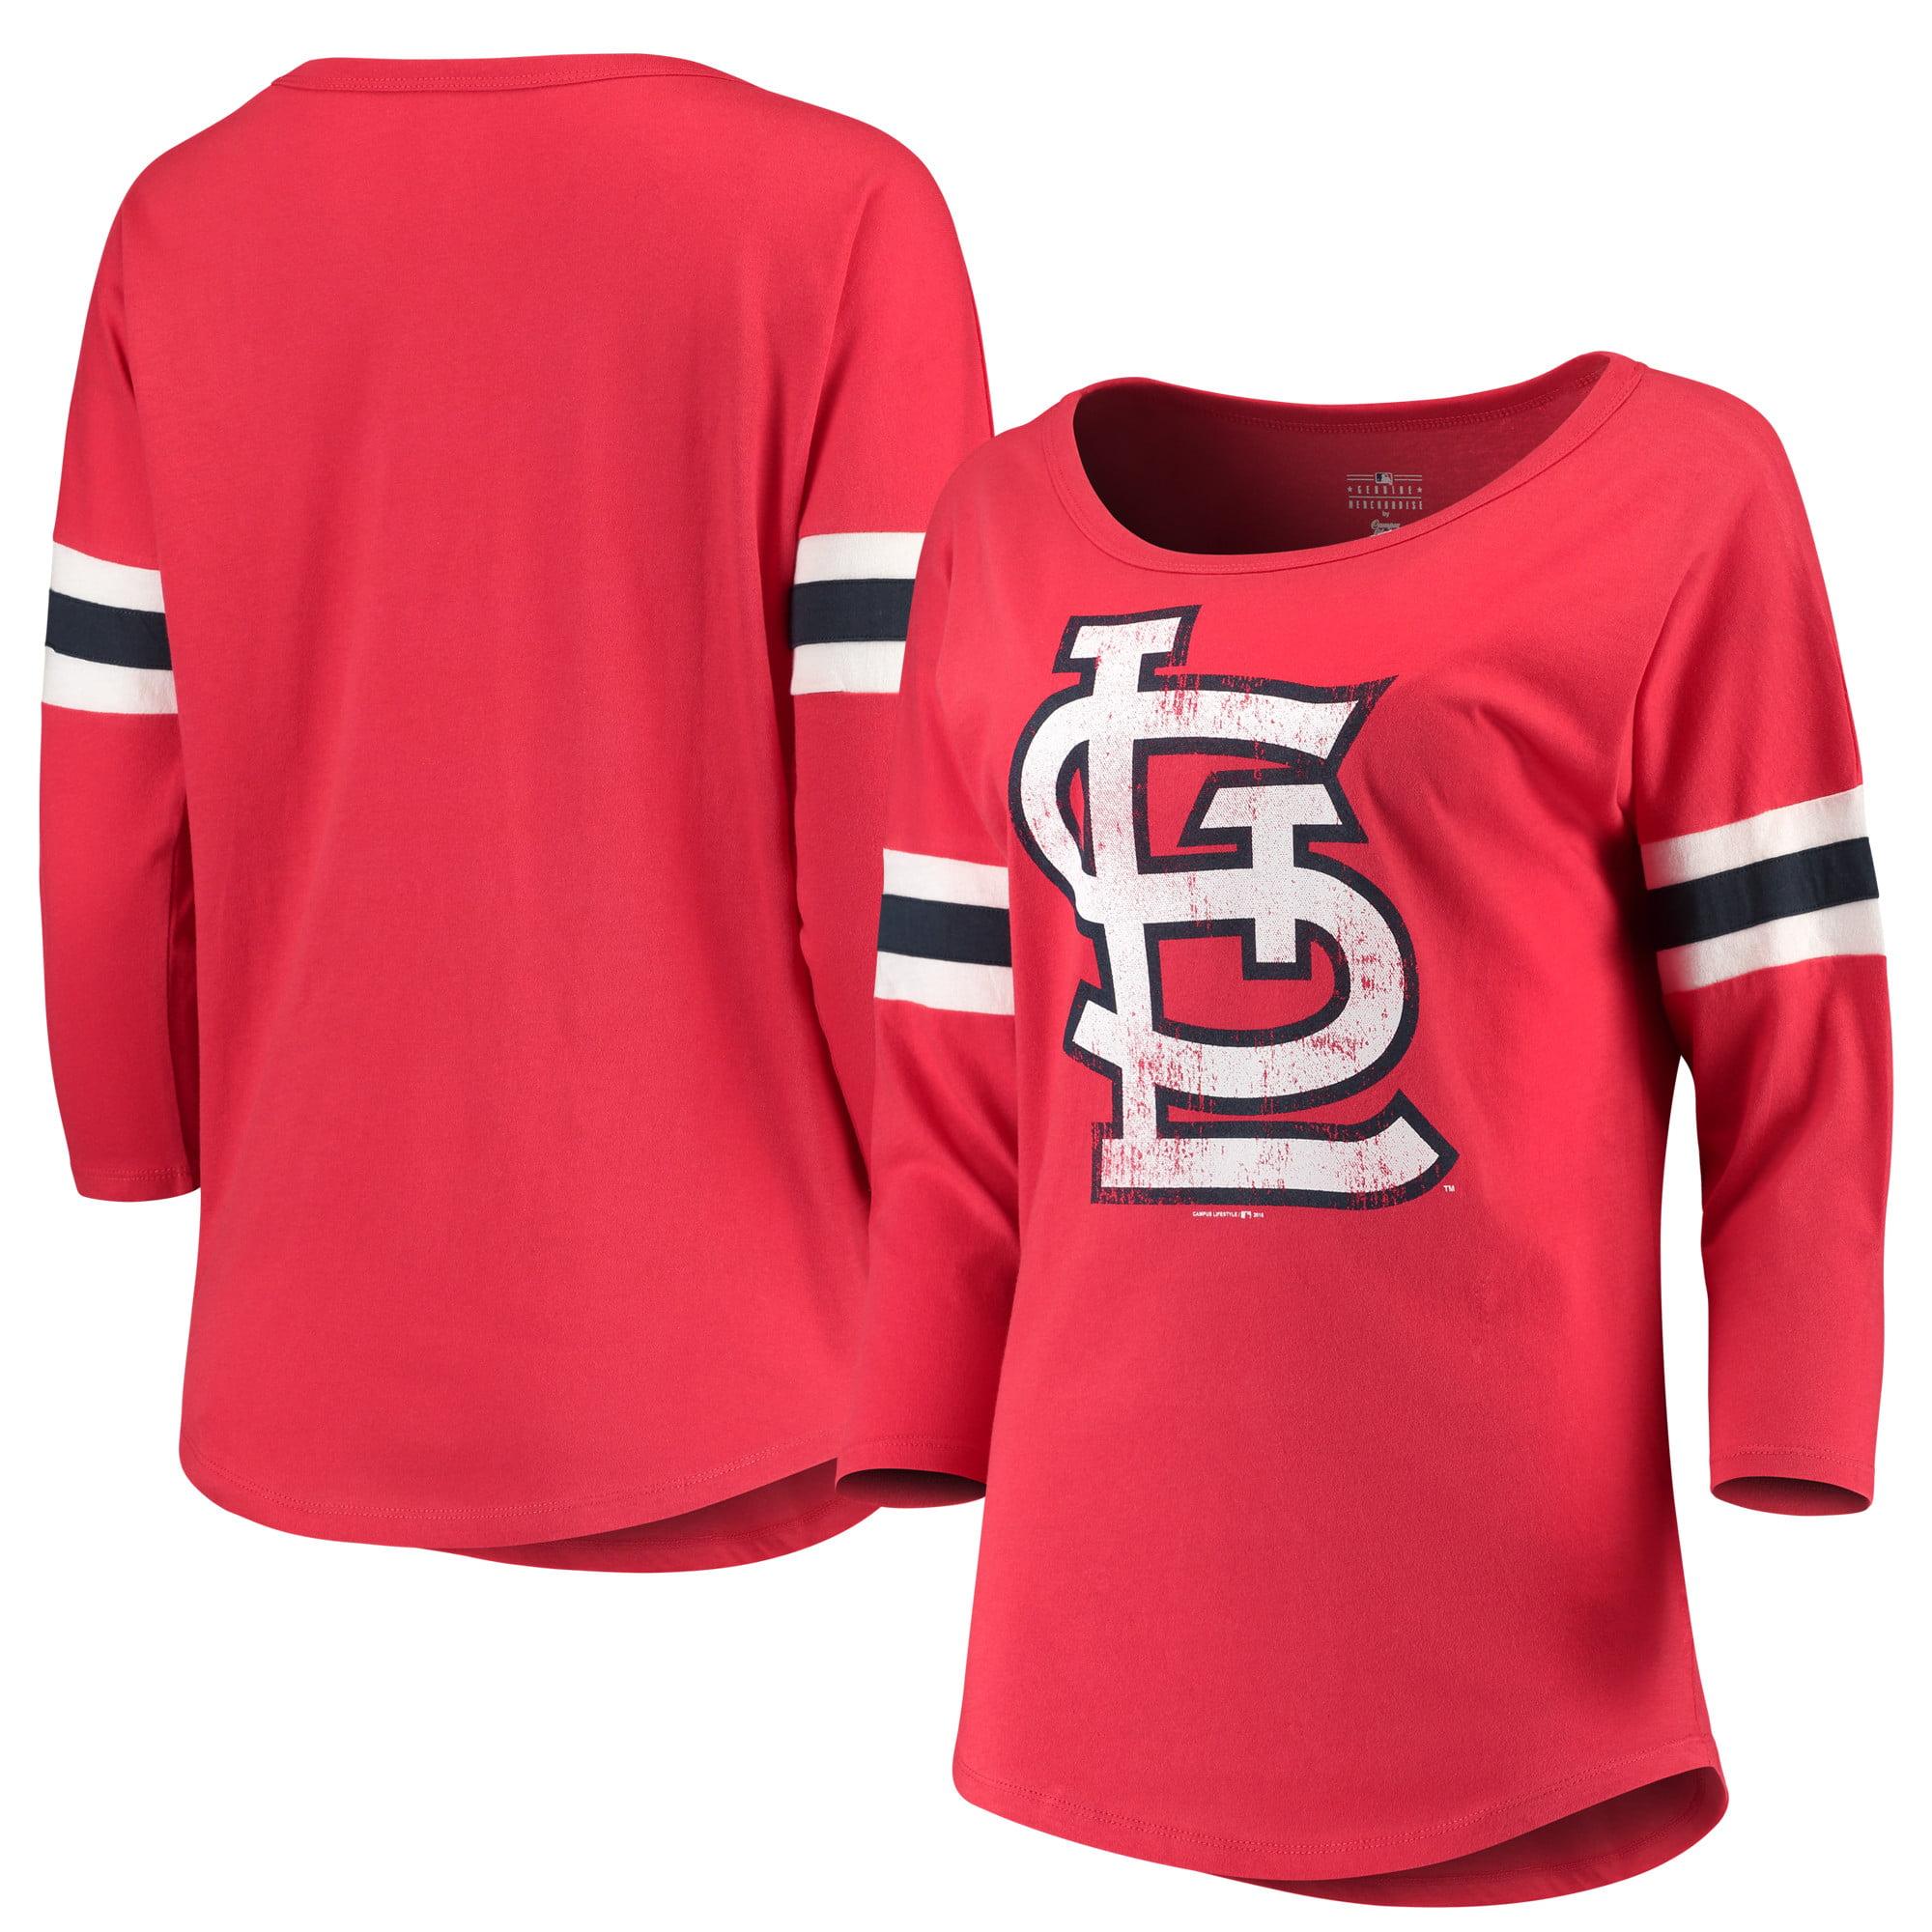 Women's New Era Red St. Louis Cardinals Scoop Neck 3/4-Sleeve T-Shirt